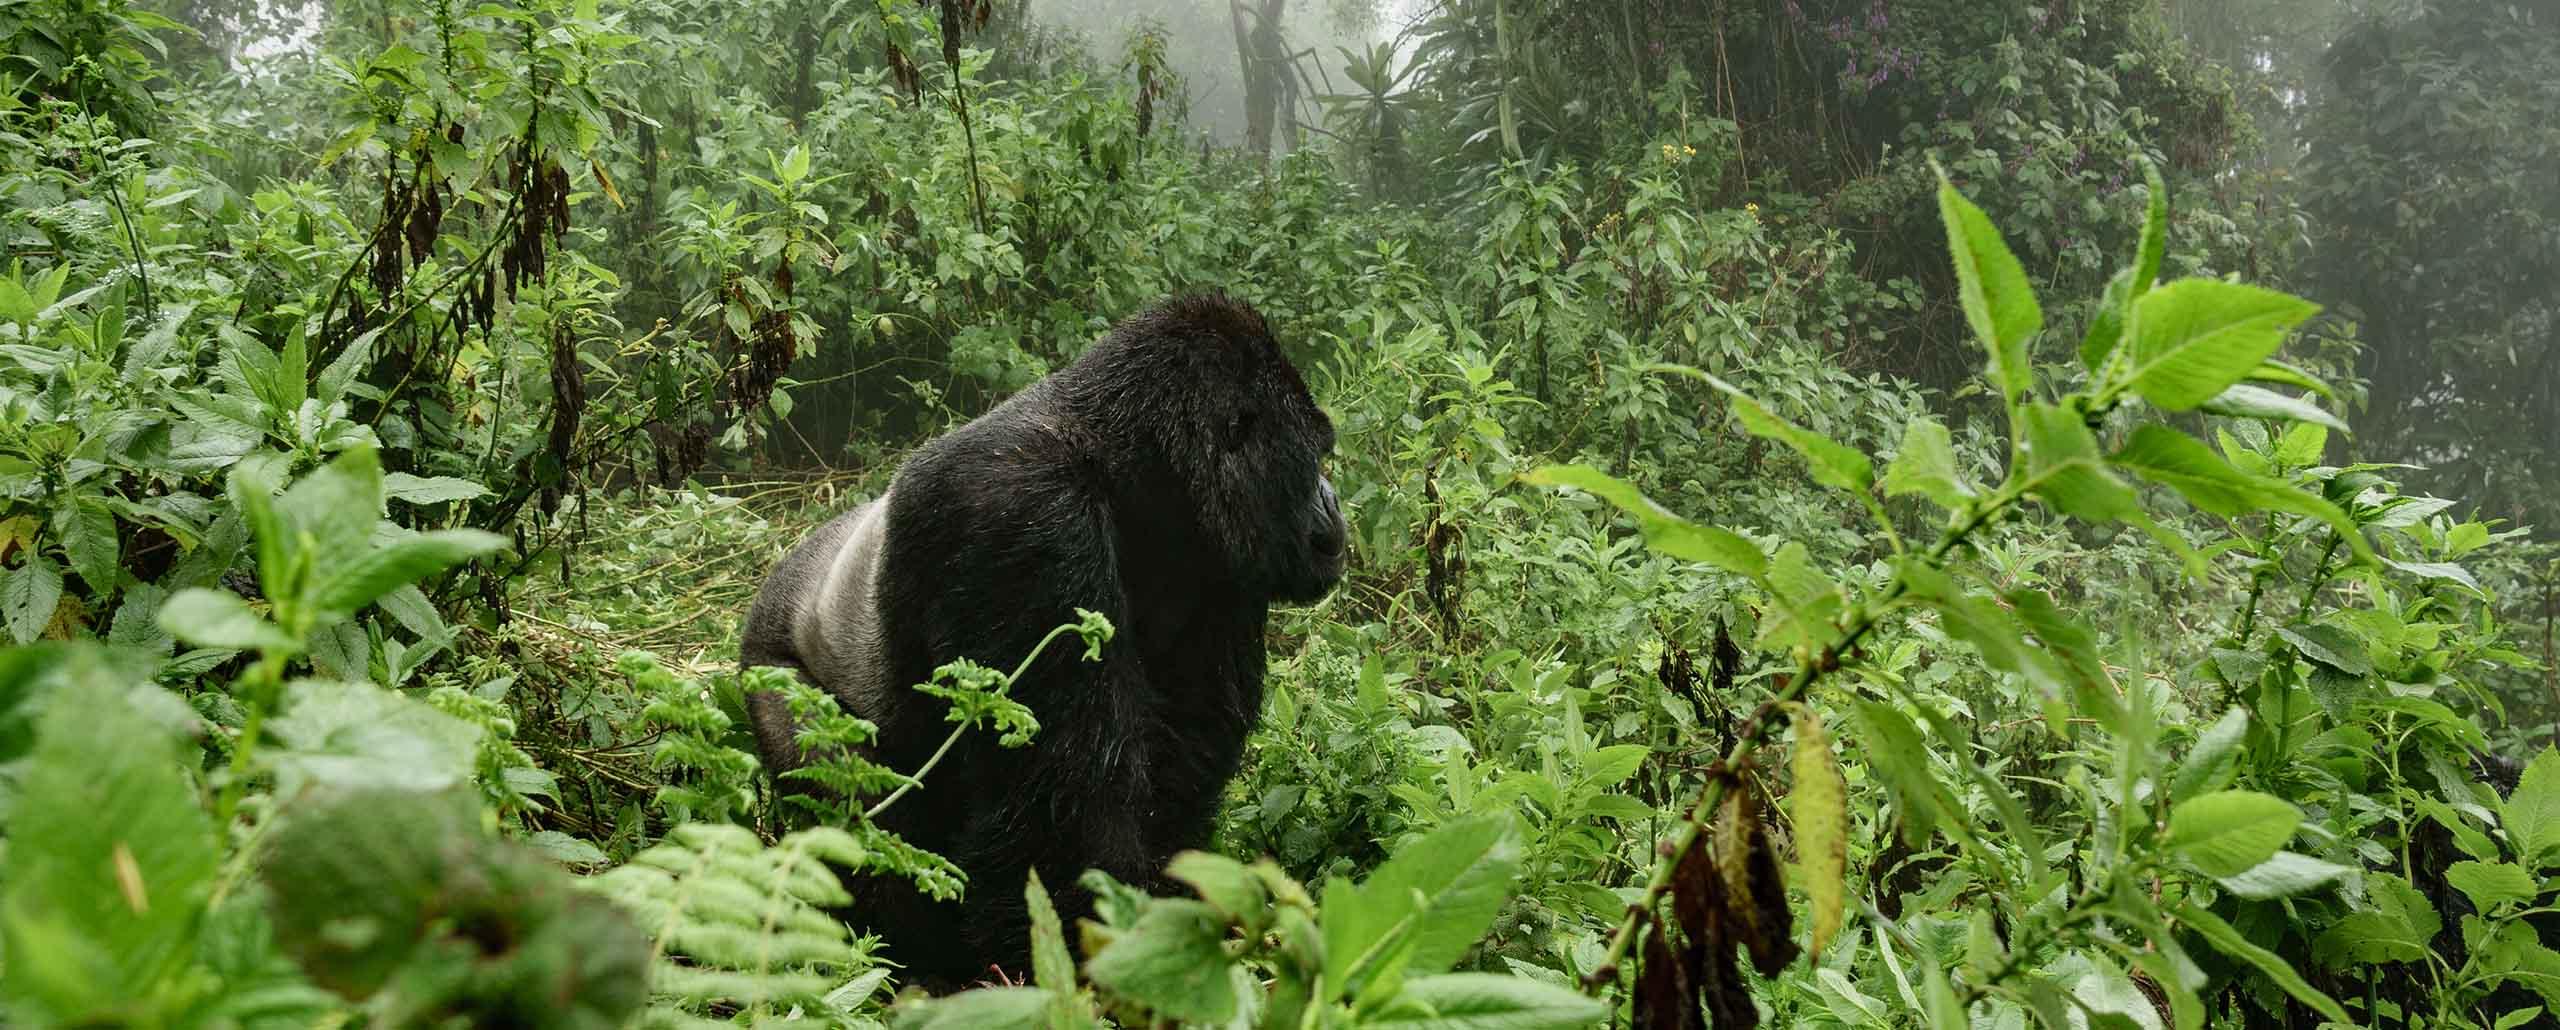 Uganda Tourist Activities